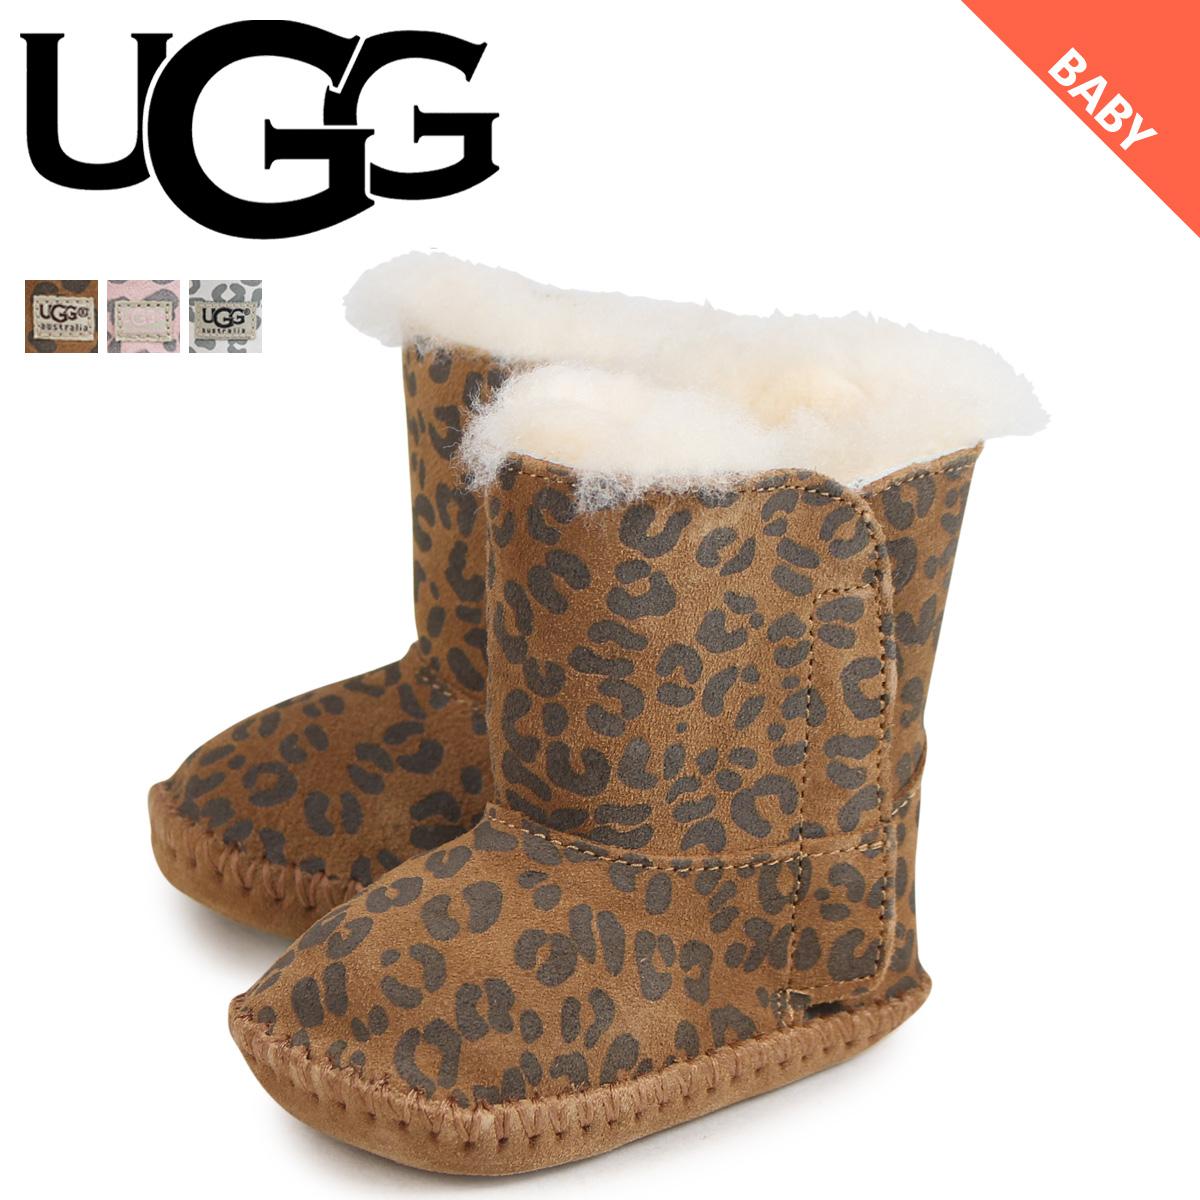 アグ UGG ベビー カシー レオパード ムートンブーツ INFANTS CASSIE LEOPARD 1001781 シープスキン ベビー靴 キッズ